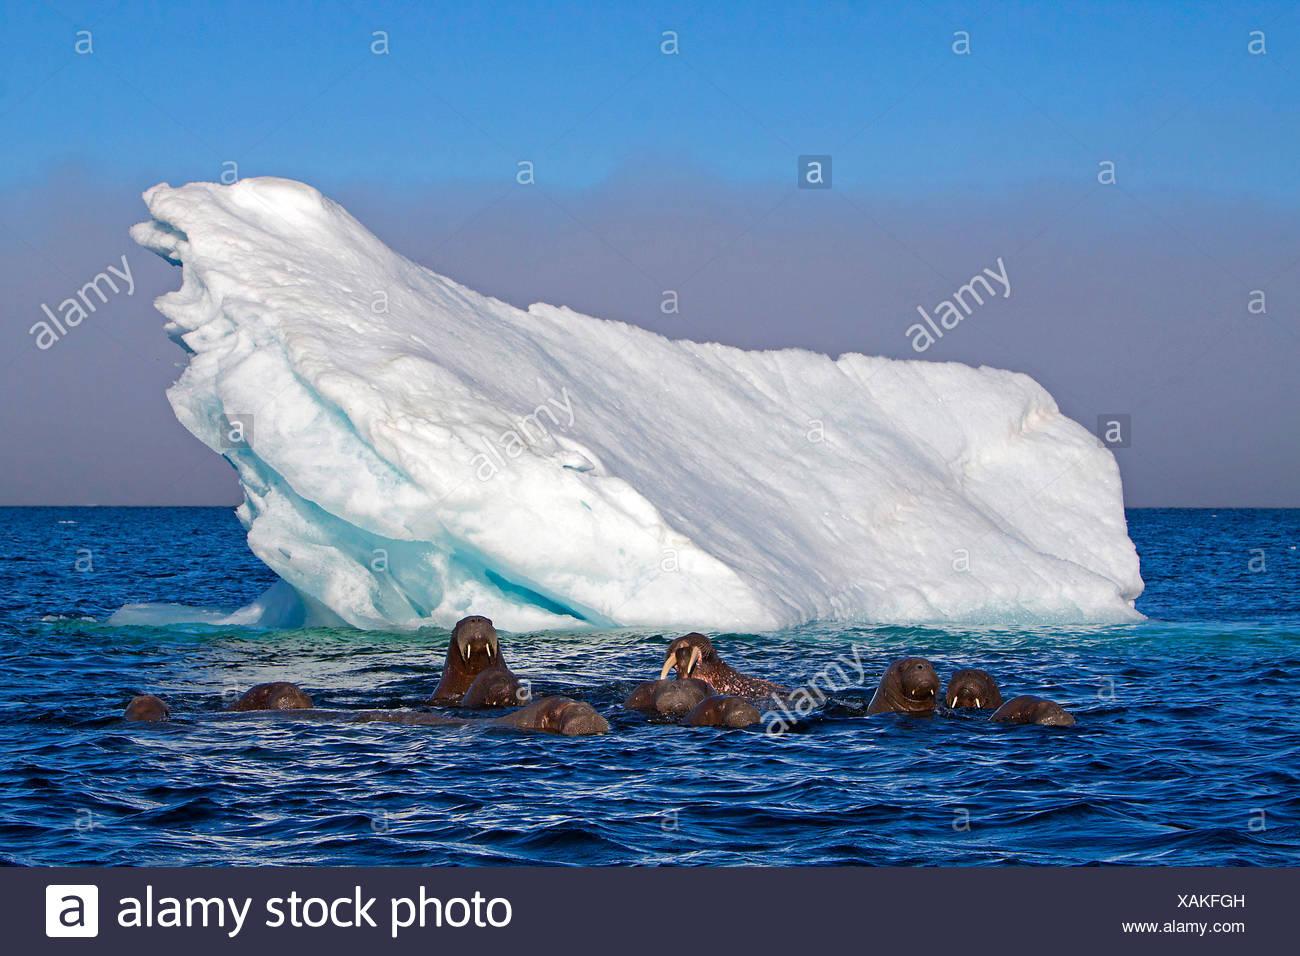 walrus (Odobenus rosmarus), walruses in the Arctic Ocean with iceberg, Norway, Svalbard Stock Photo